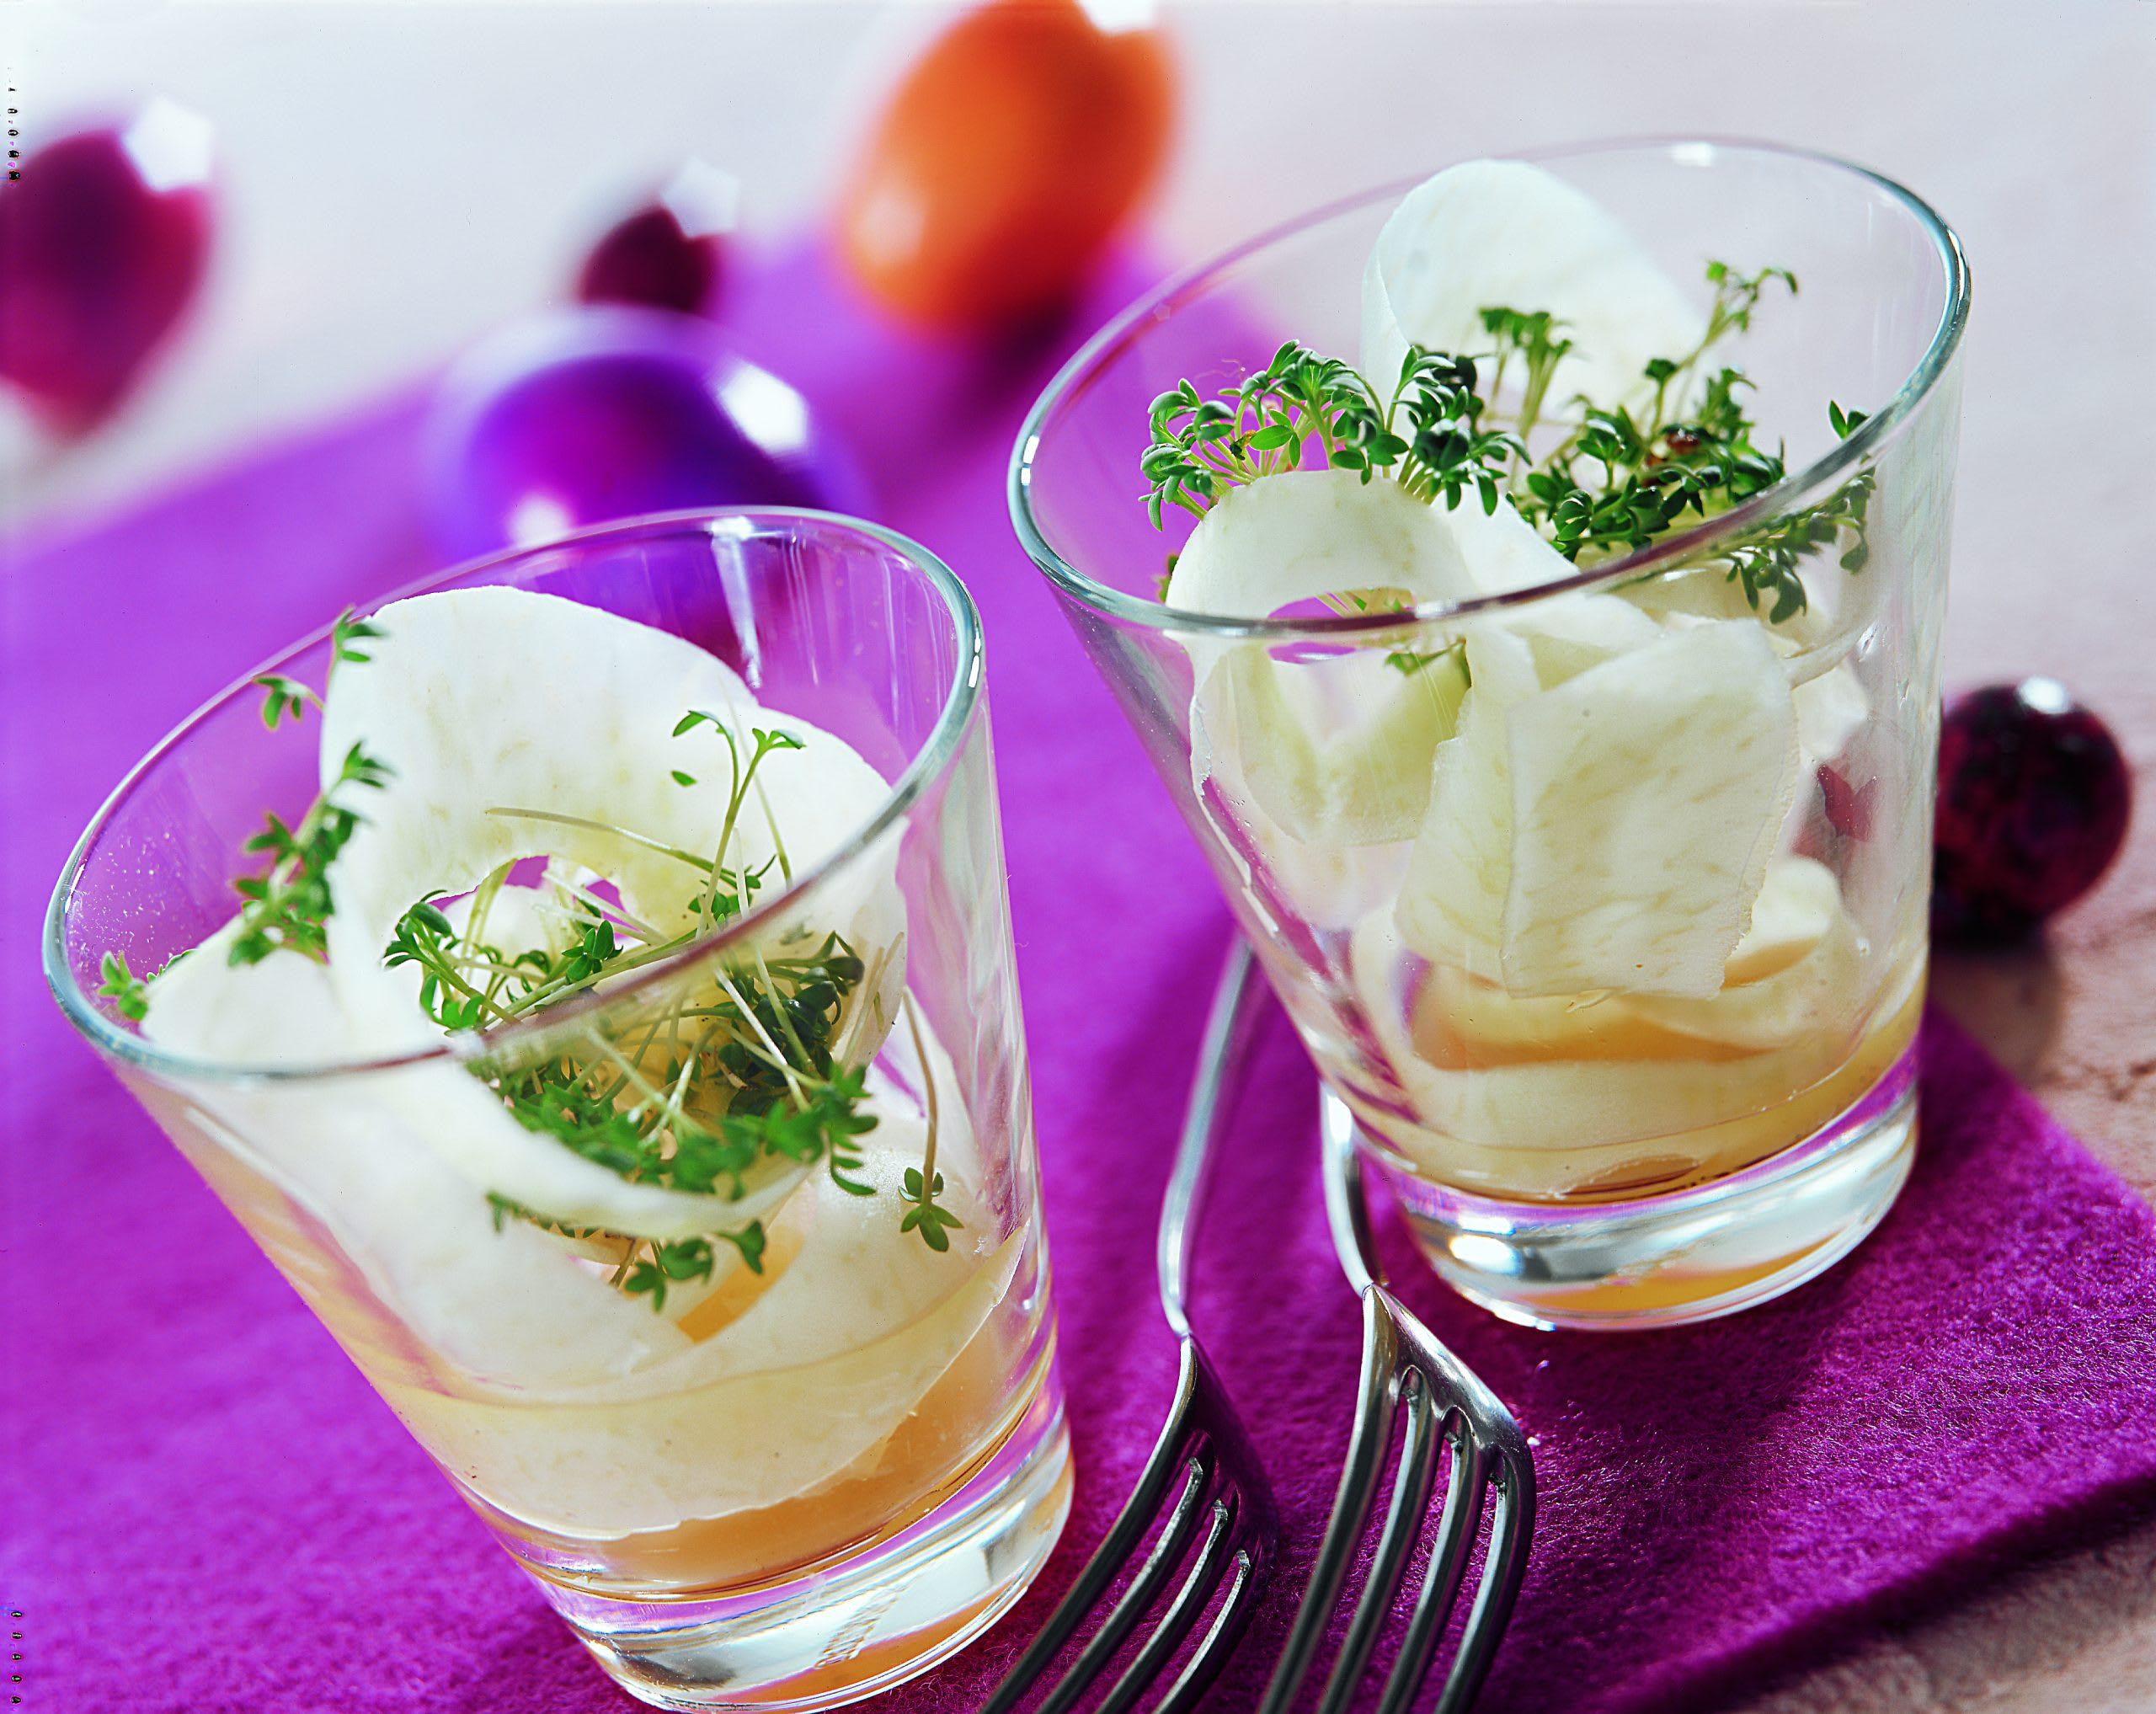 Salade de colrave au cresson et à la vanille